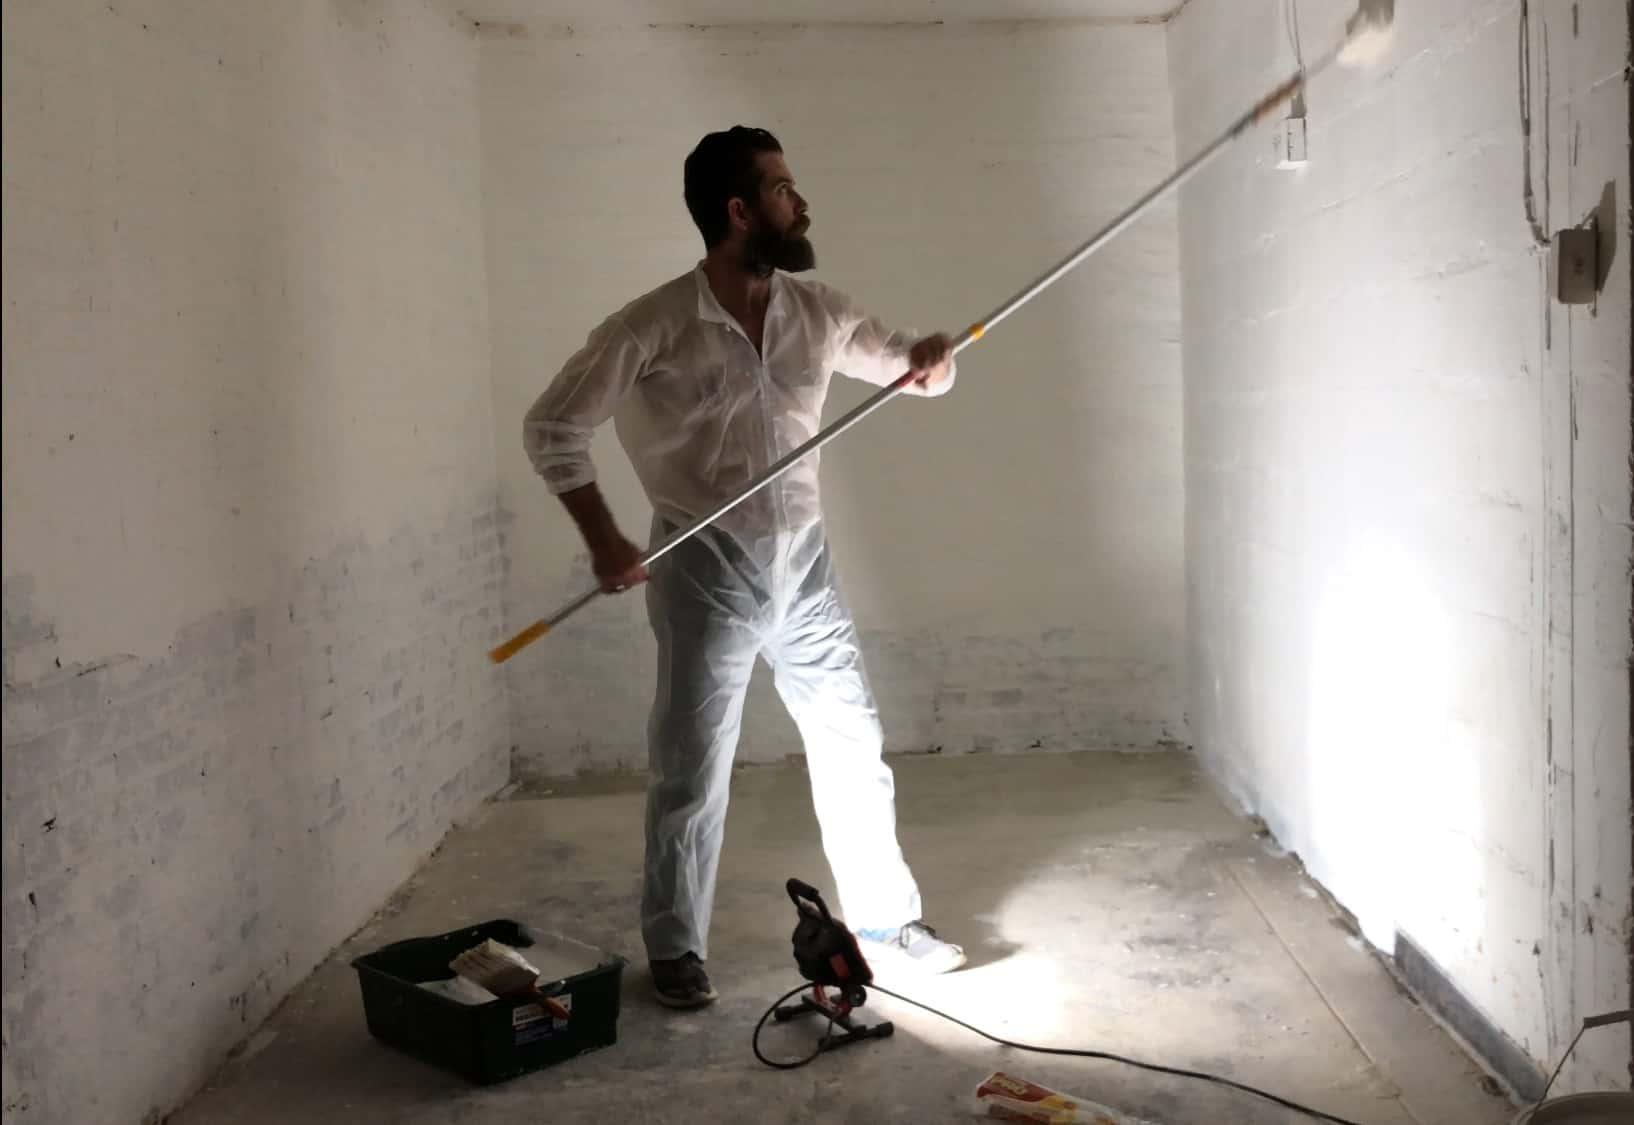 Ian Paint